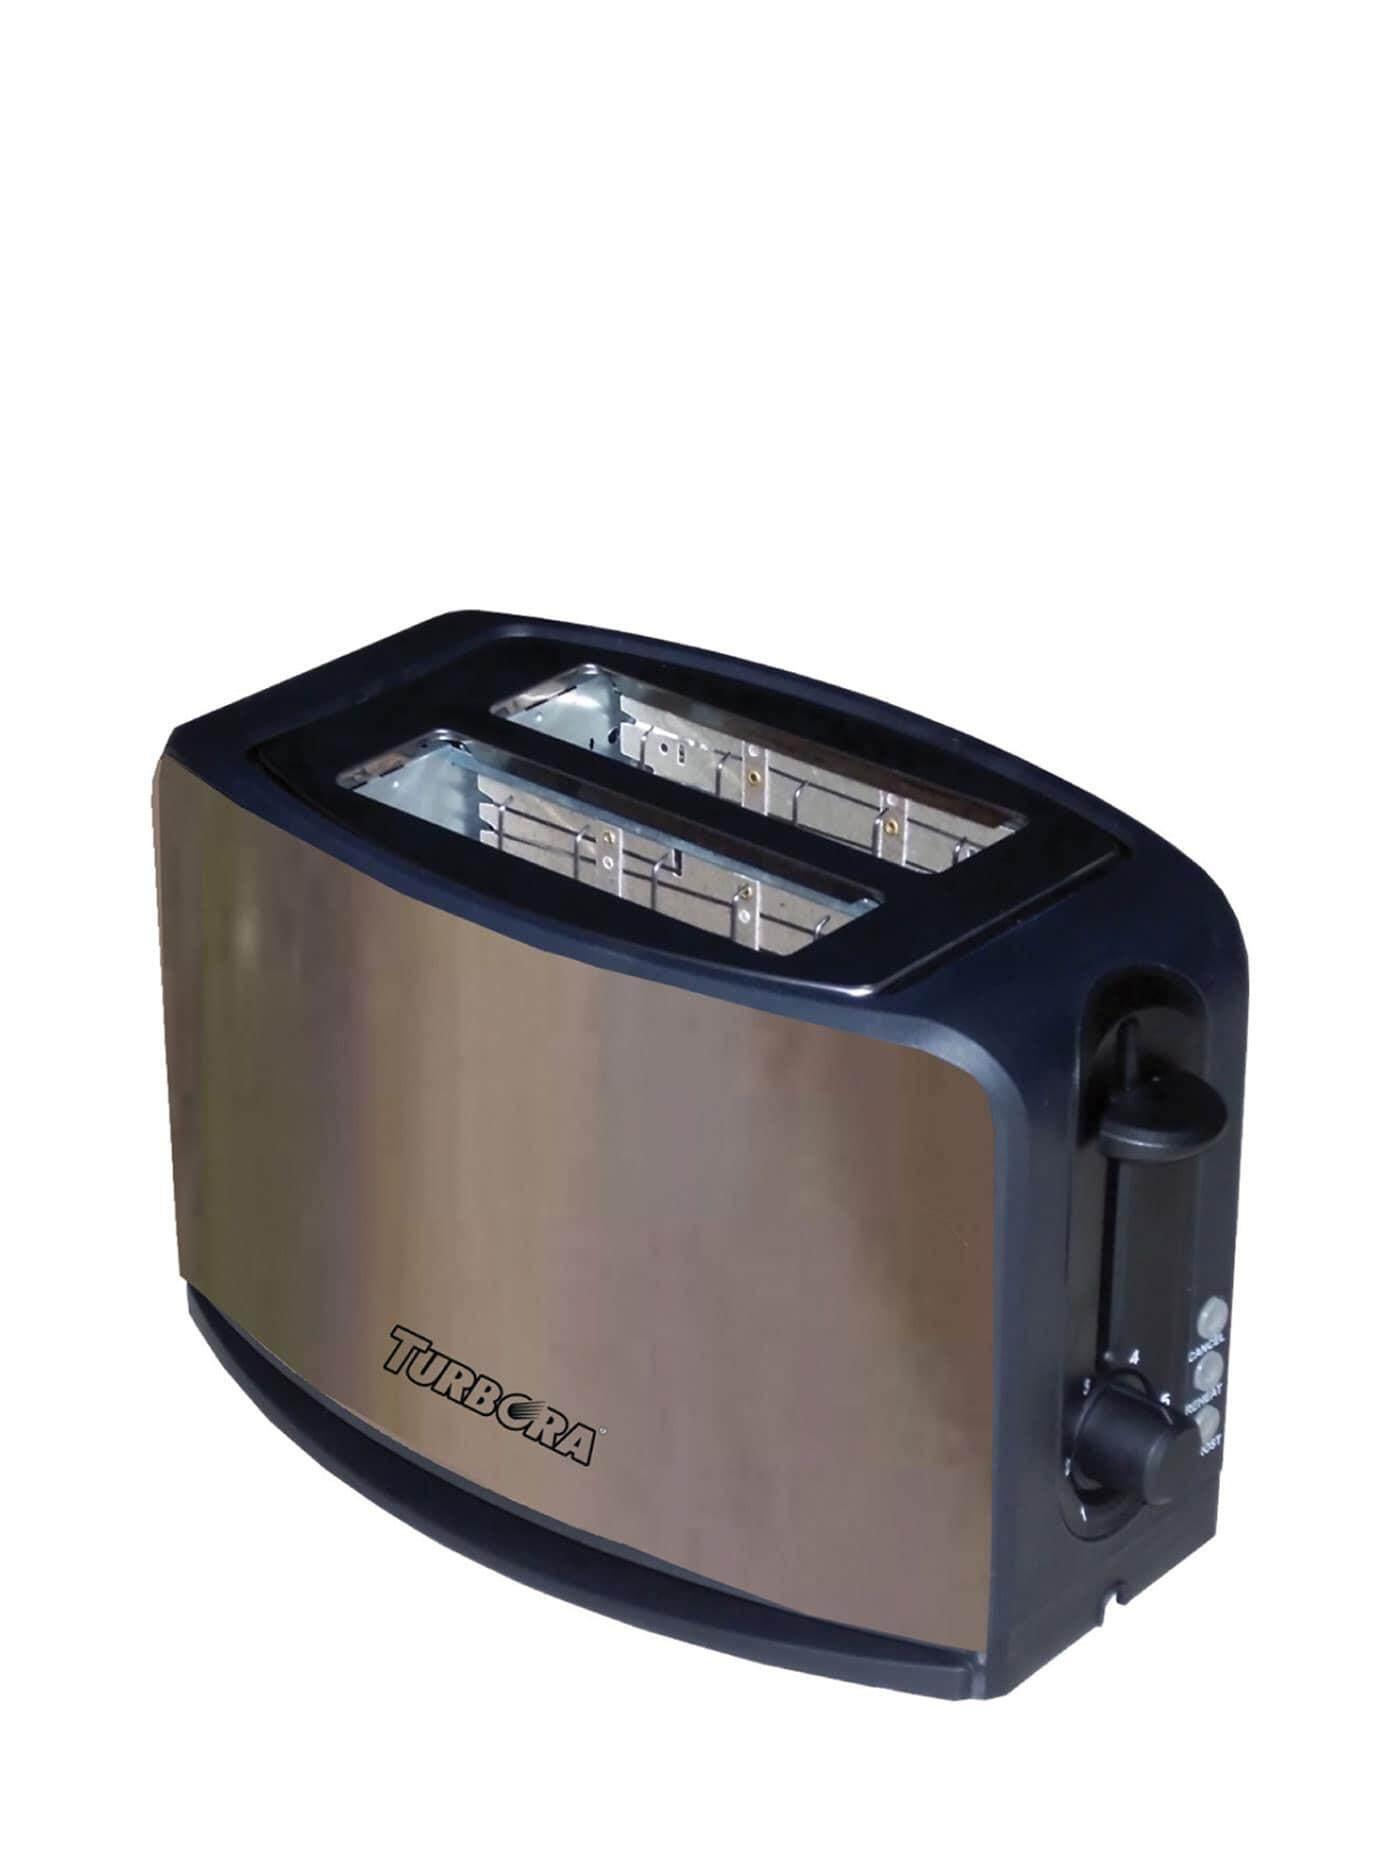 สอนใช้งาน  เชียงใหม่ TURBORA เครื่องปิ้งขนมปัง สีน้ำตาล toasters makers